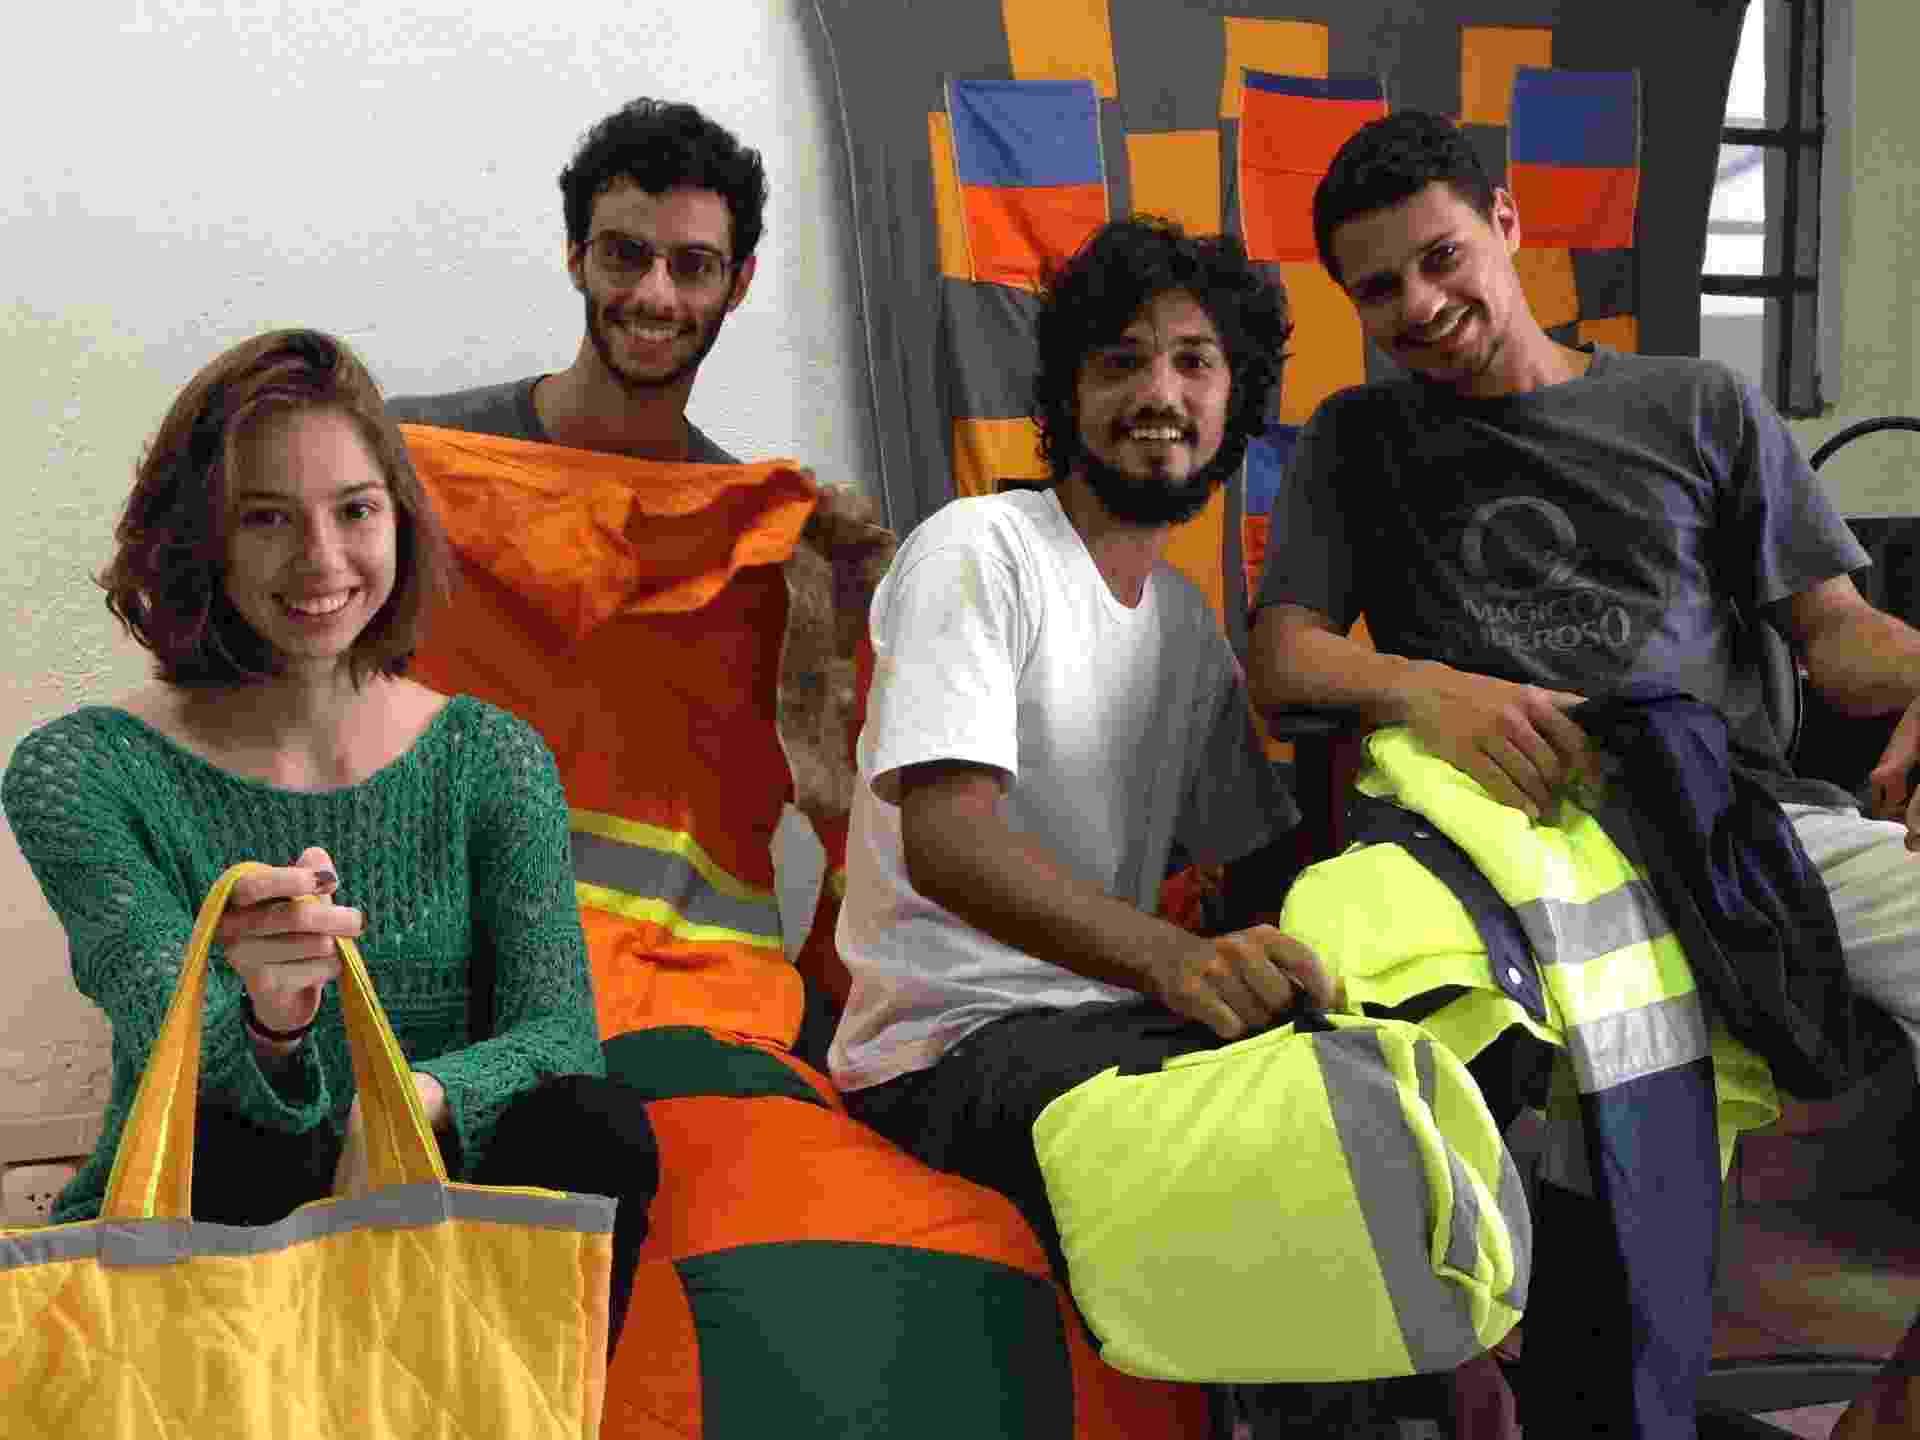 A equipe da empresa Retalhar: Juliana Vilas Boas, Jonas Lessa e Lucas Corvacho (sócios da empresa) e Leonardo Carvalho. A empresa recicla retalhos e os transforma em brindes e outras peças - Divulgação